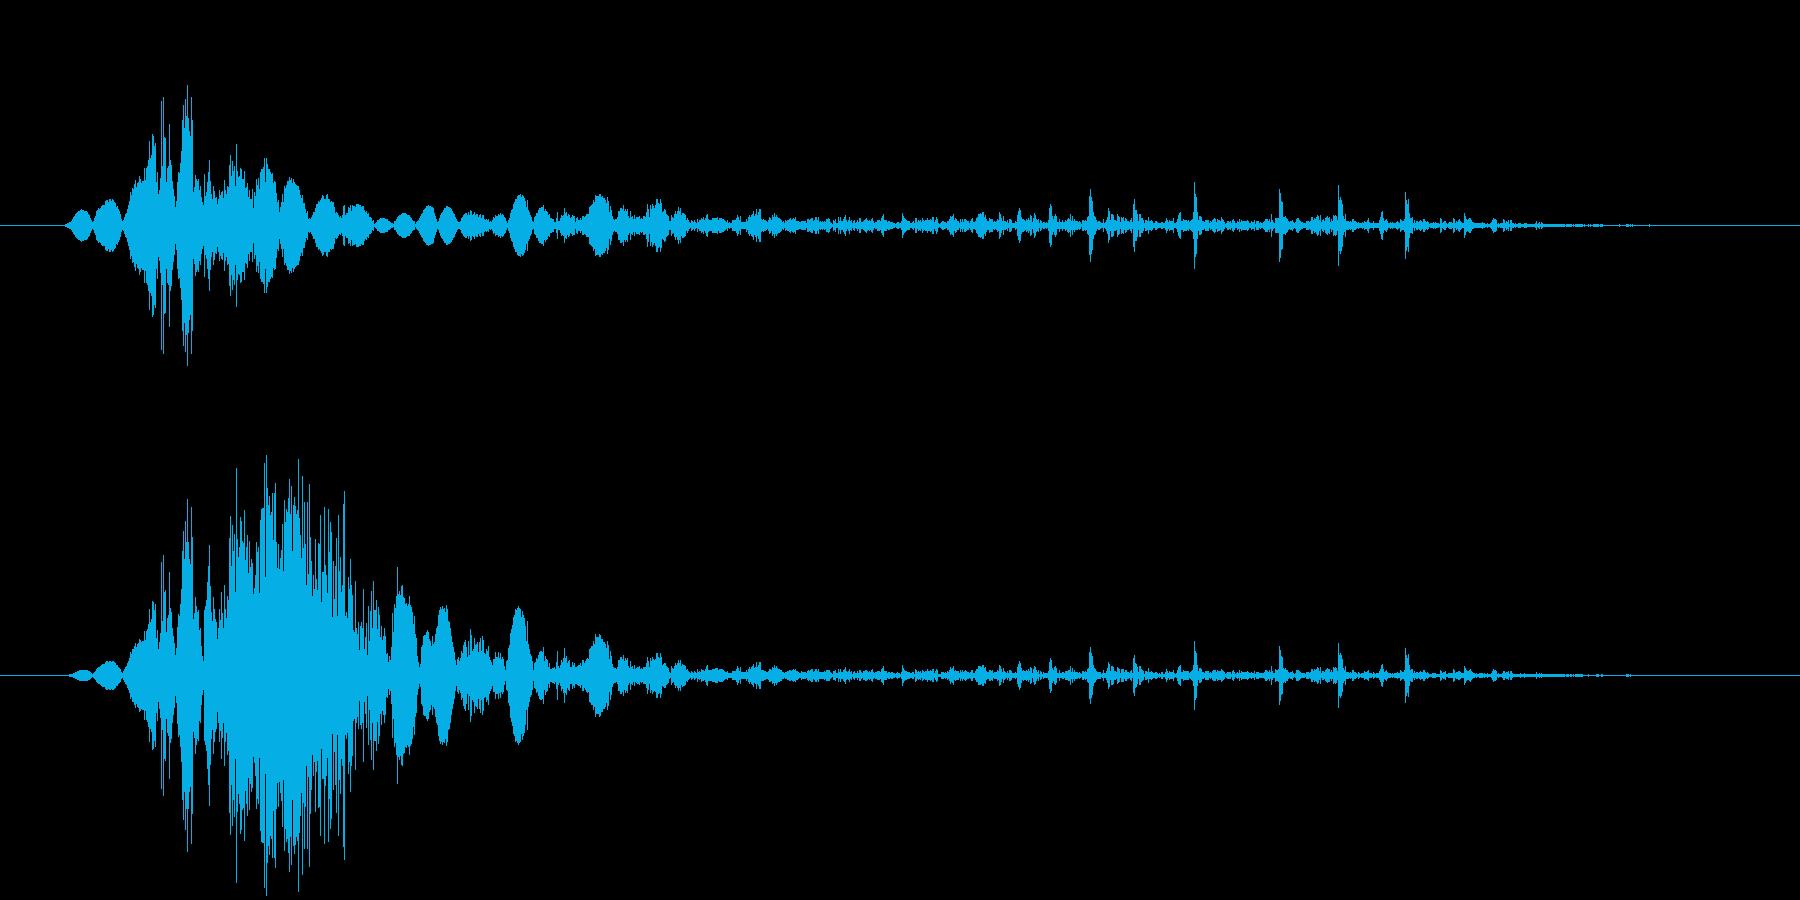 鞭(ムチ)で攻撃する効果音 08bの再生済みの波形